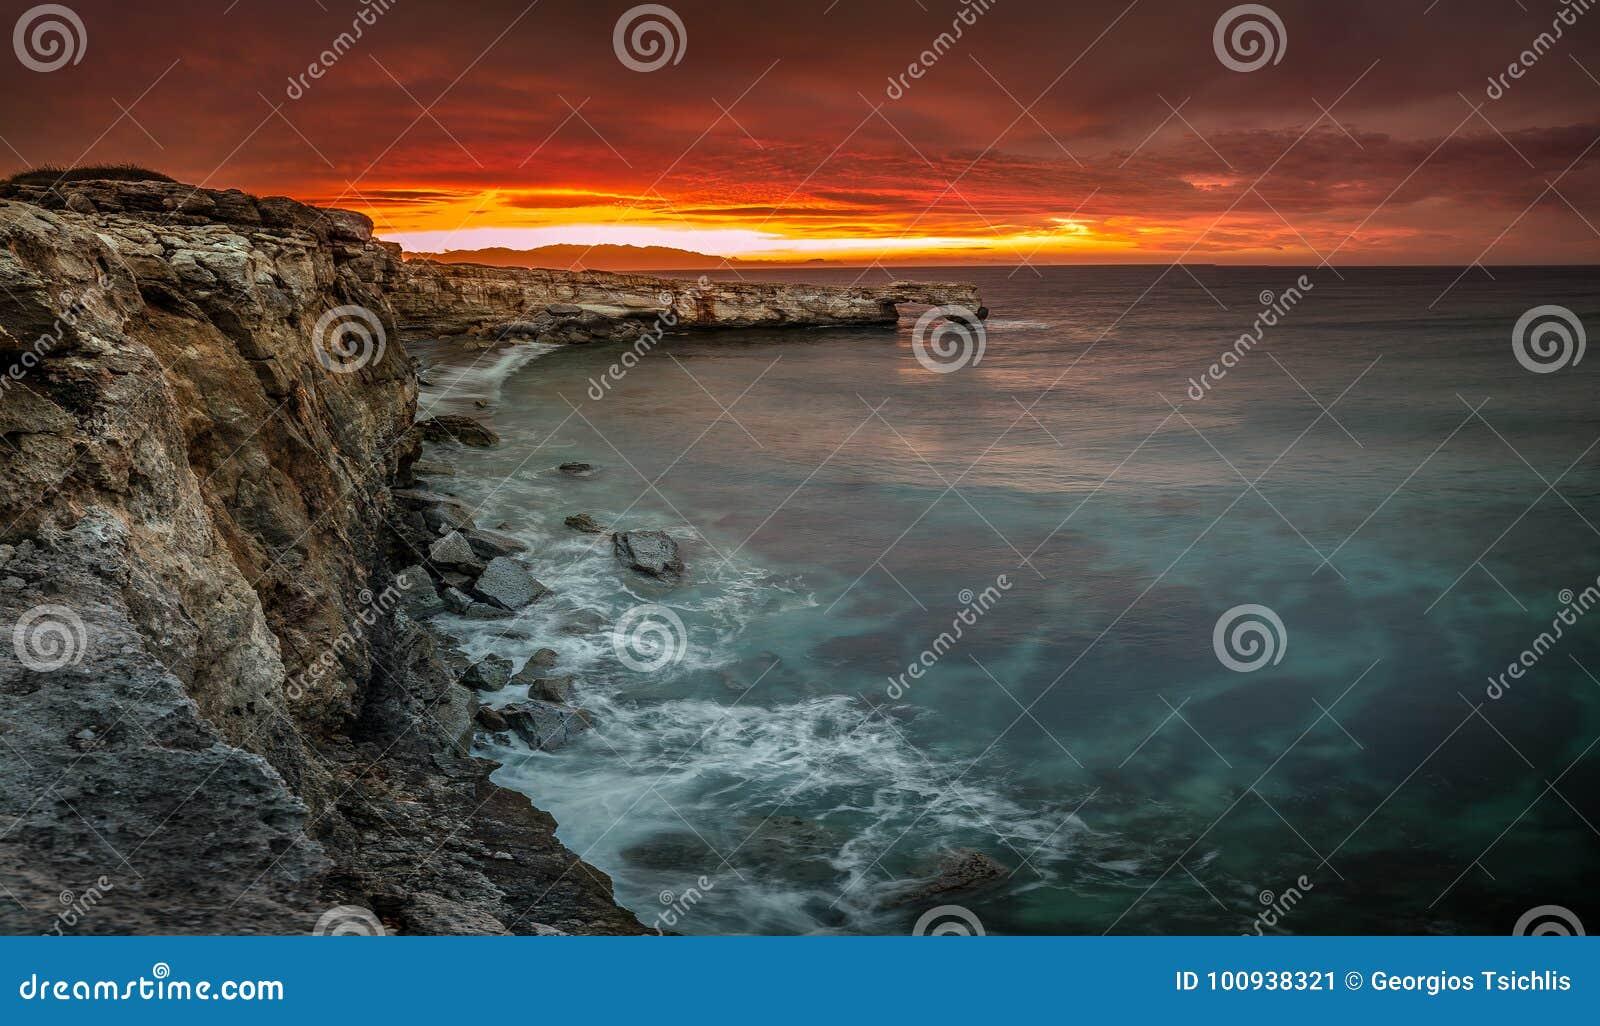 Piękny naturalny duży skała łuk przy zmierzchem blisko Rethimno, Crete